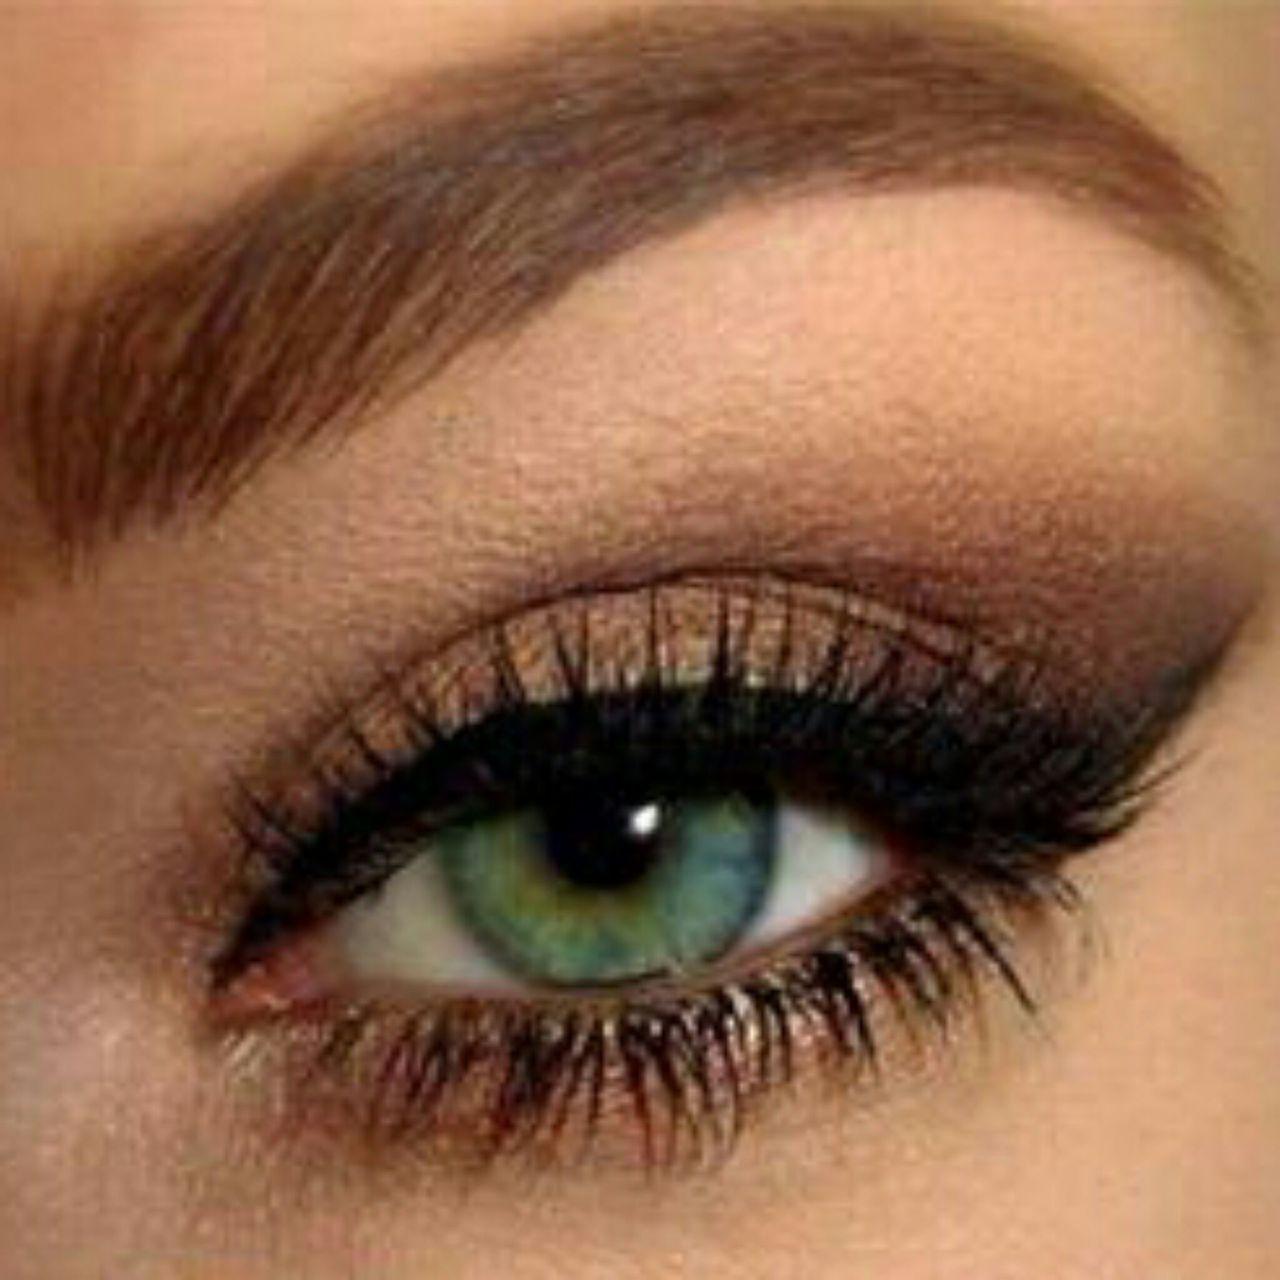 На фото: тени для зеленых глаз - очень органично смотрится кирпичный оттенок.